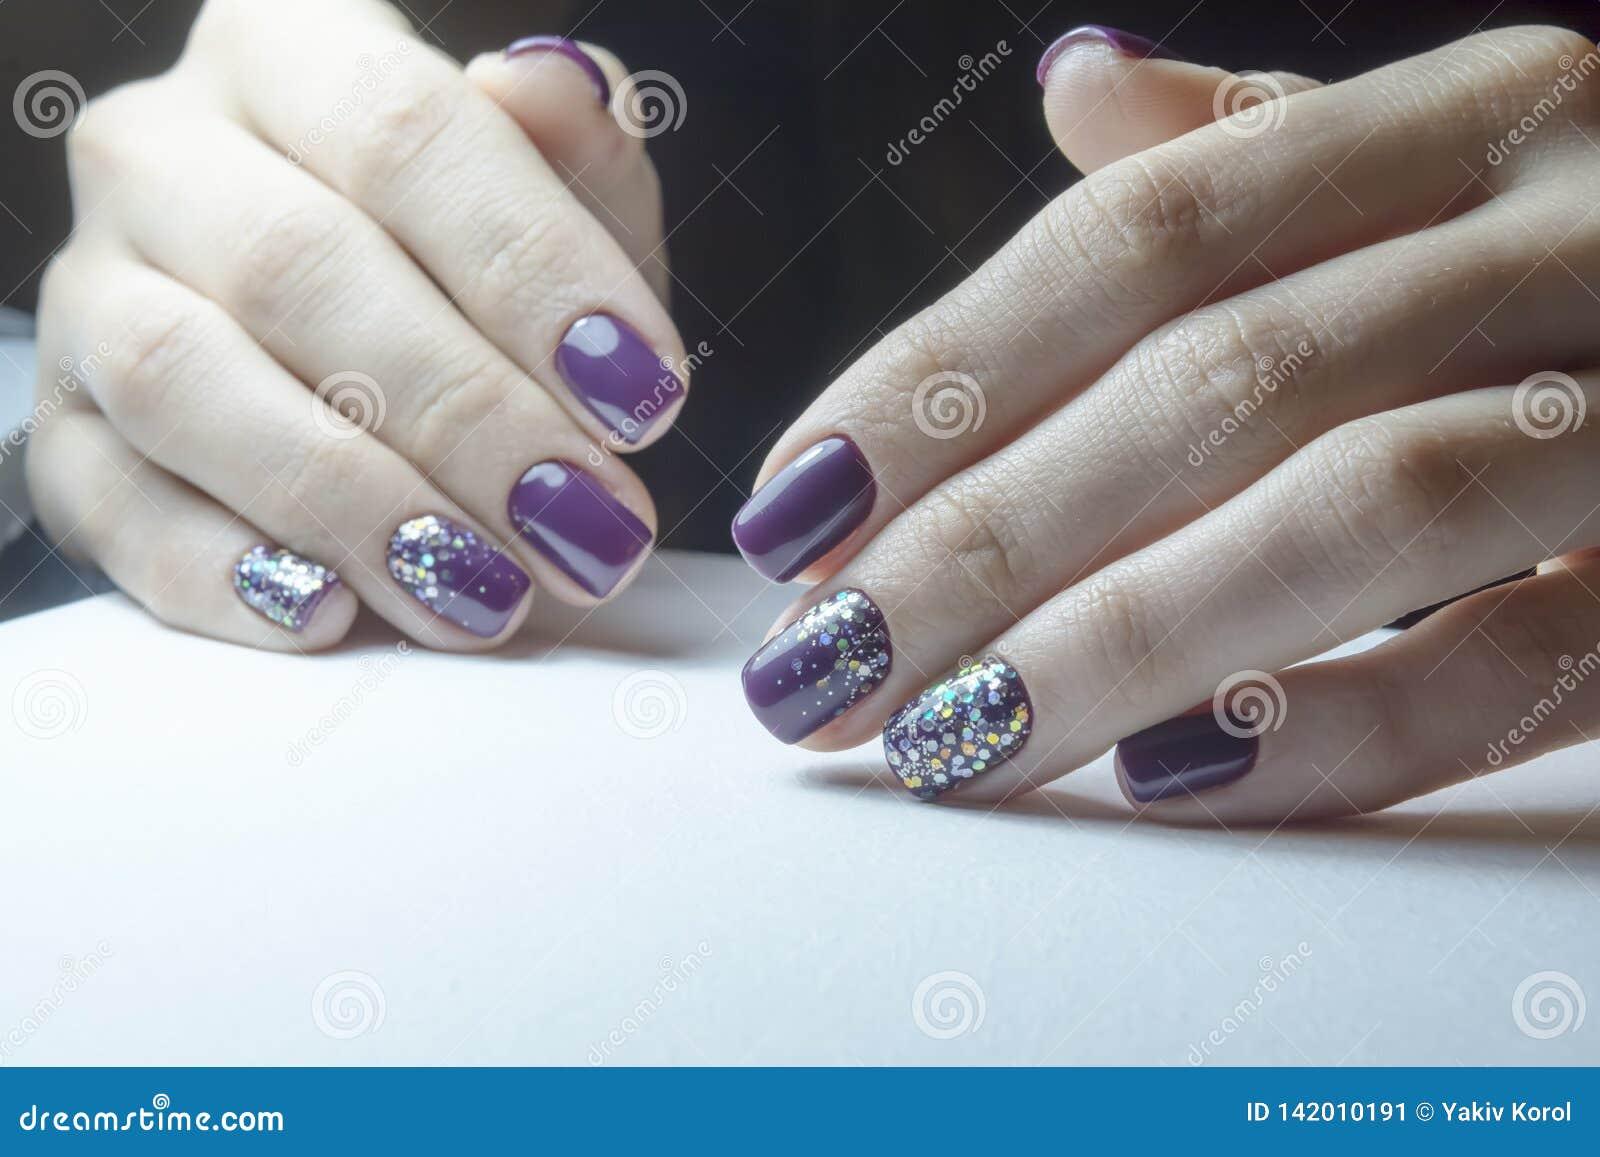 Aparata manicure, przygotowywa gwoździe dla gel połysku proces narzut